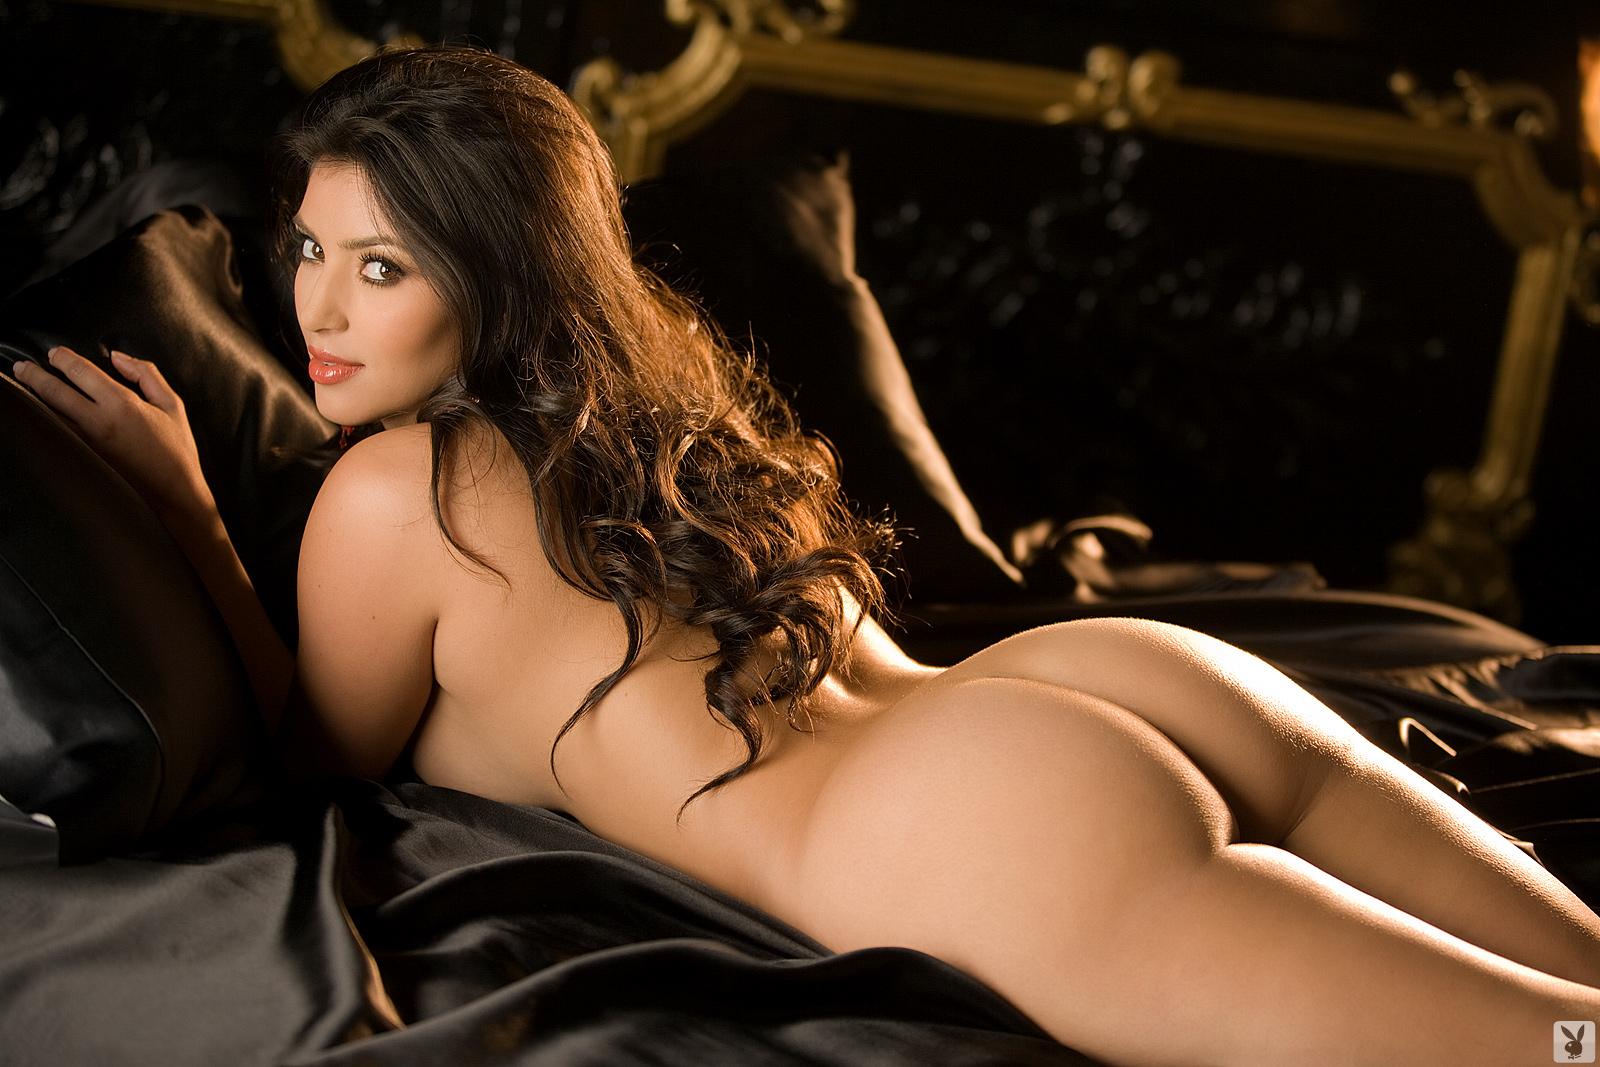 Фото красивых девушек без цензуры 14 фотография